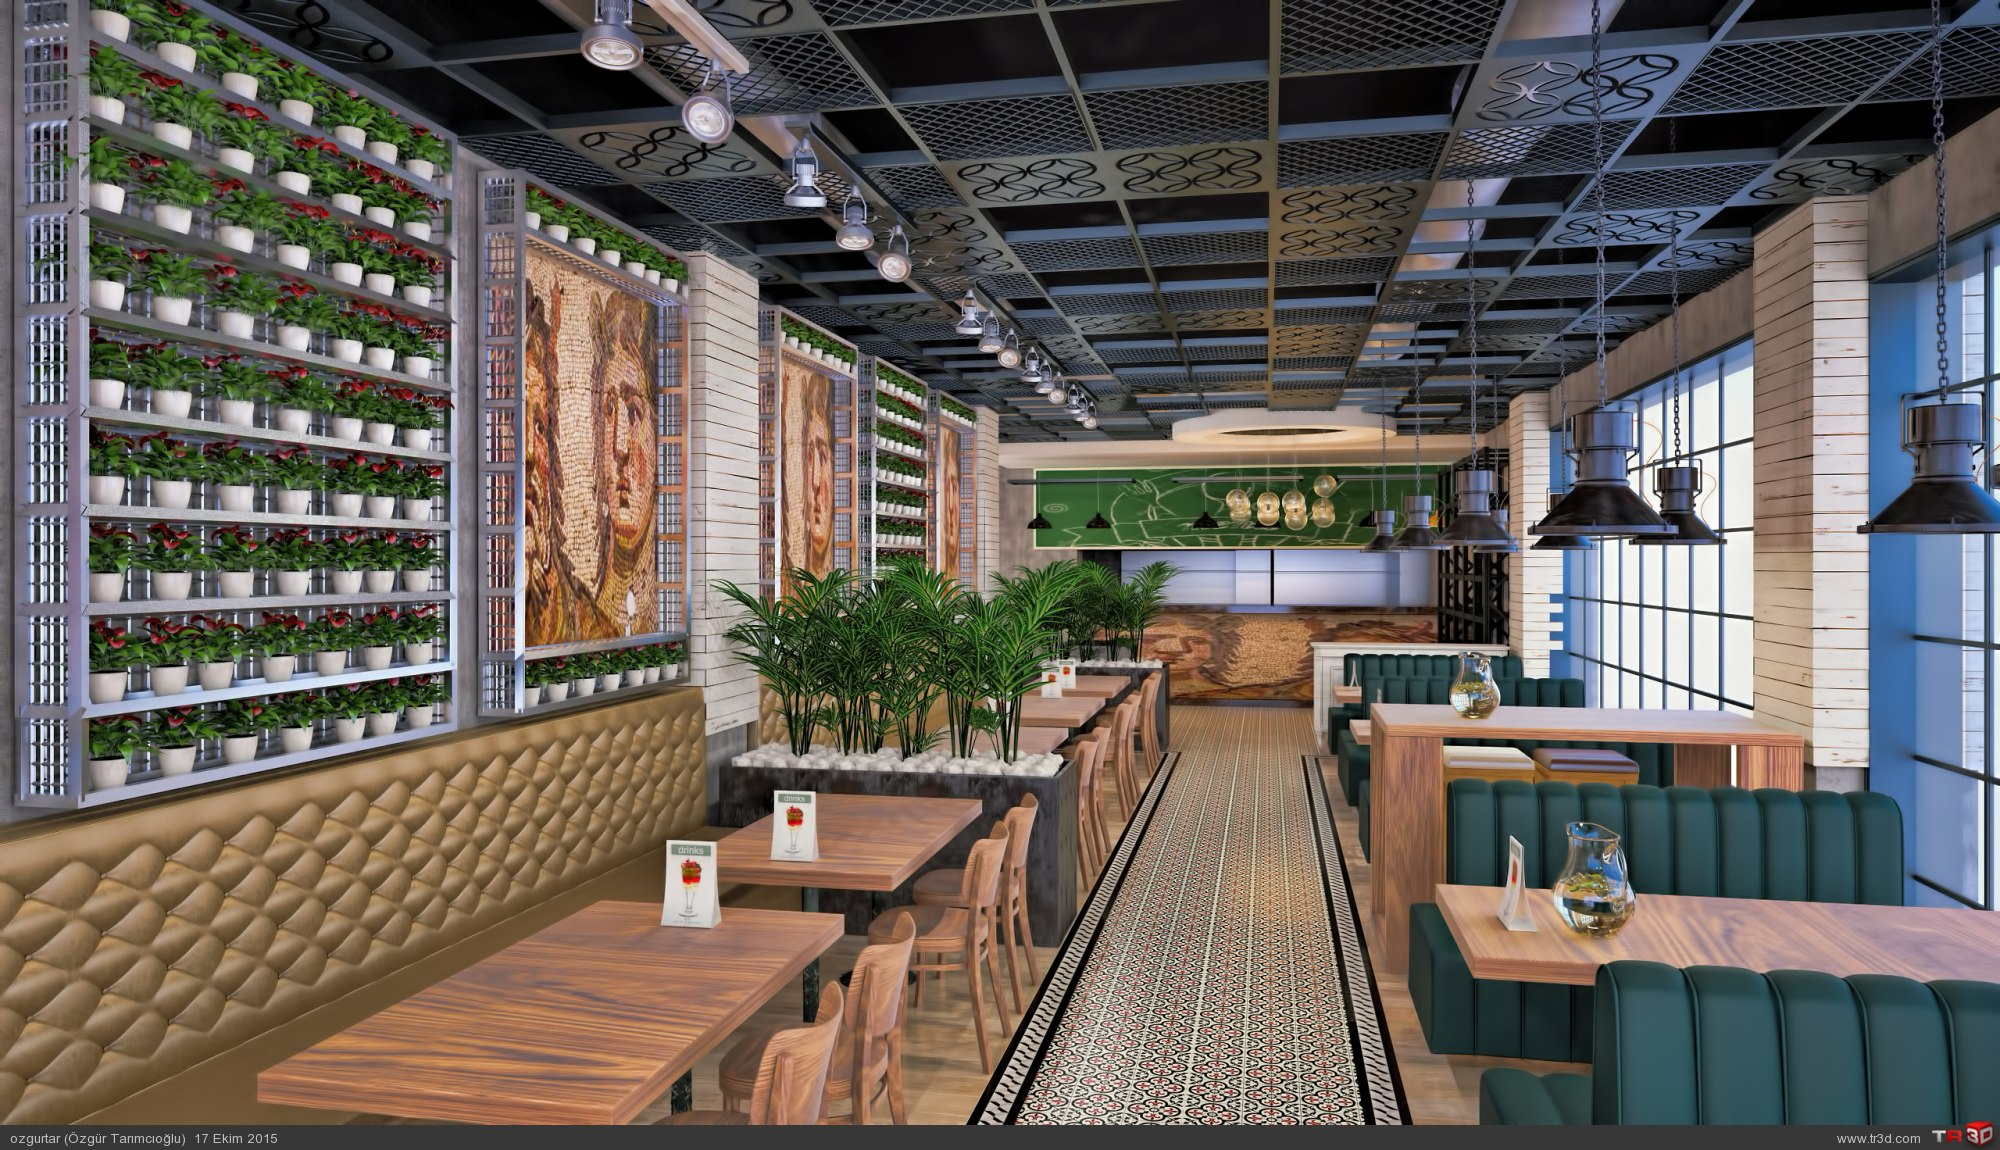 SteakHouse Restaurant 2